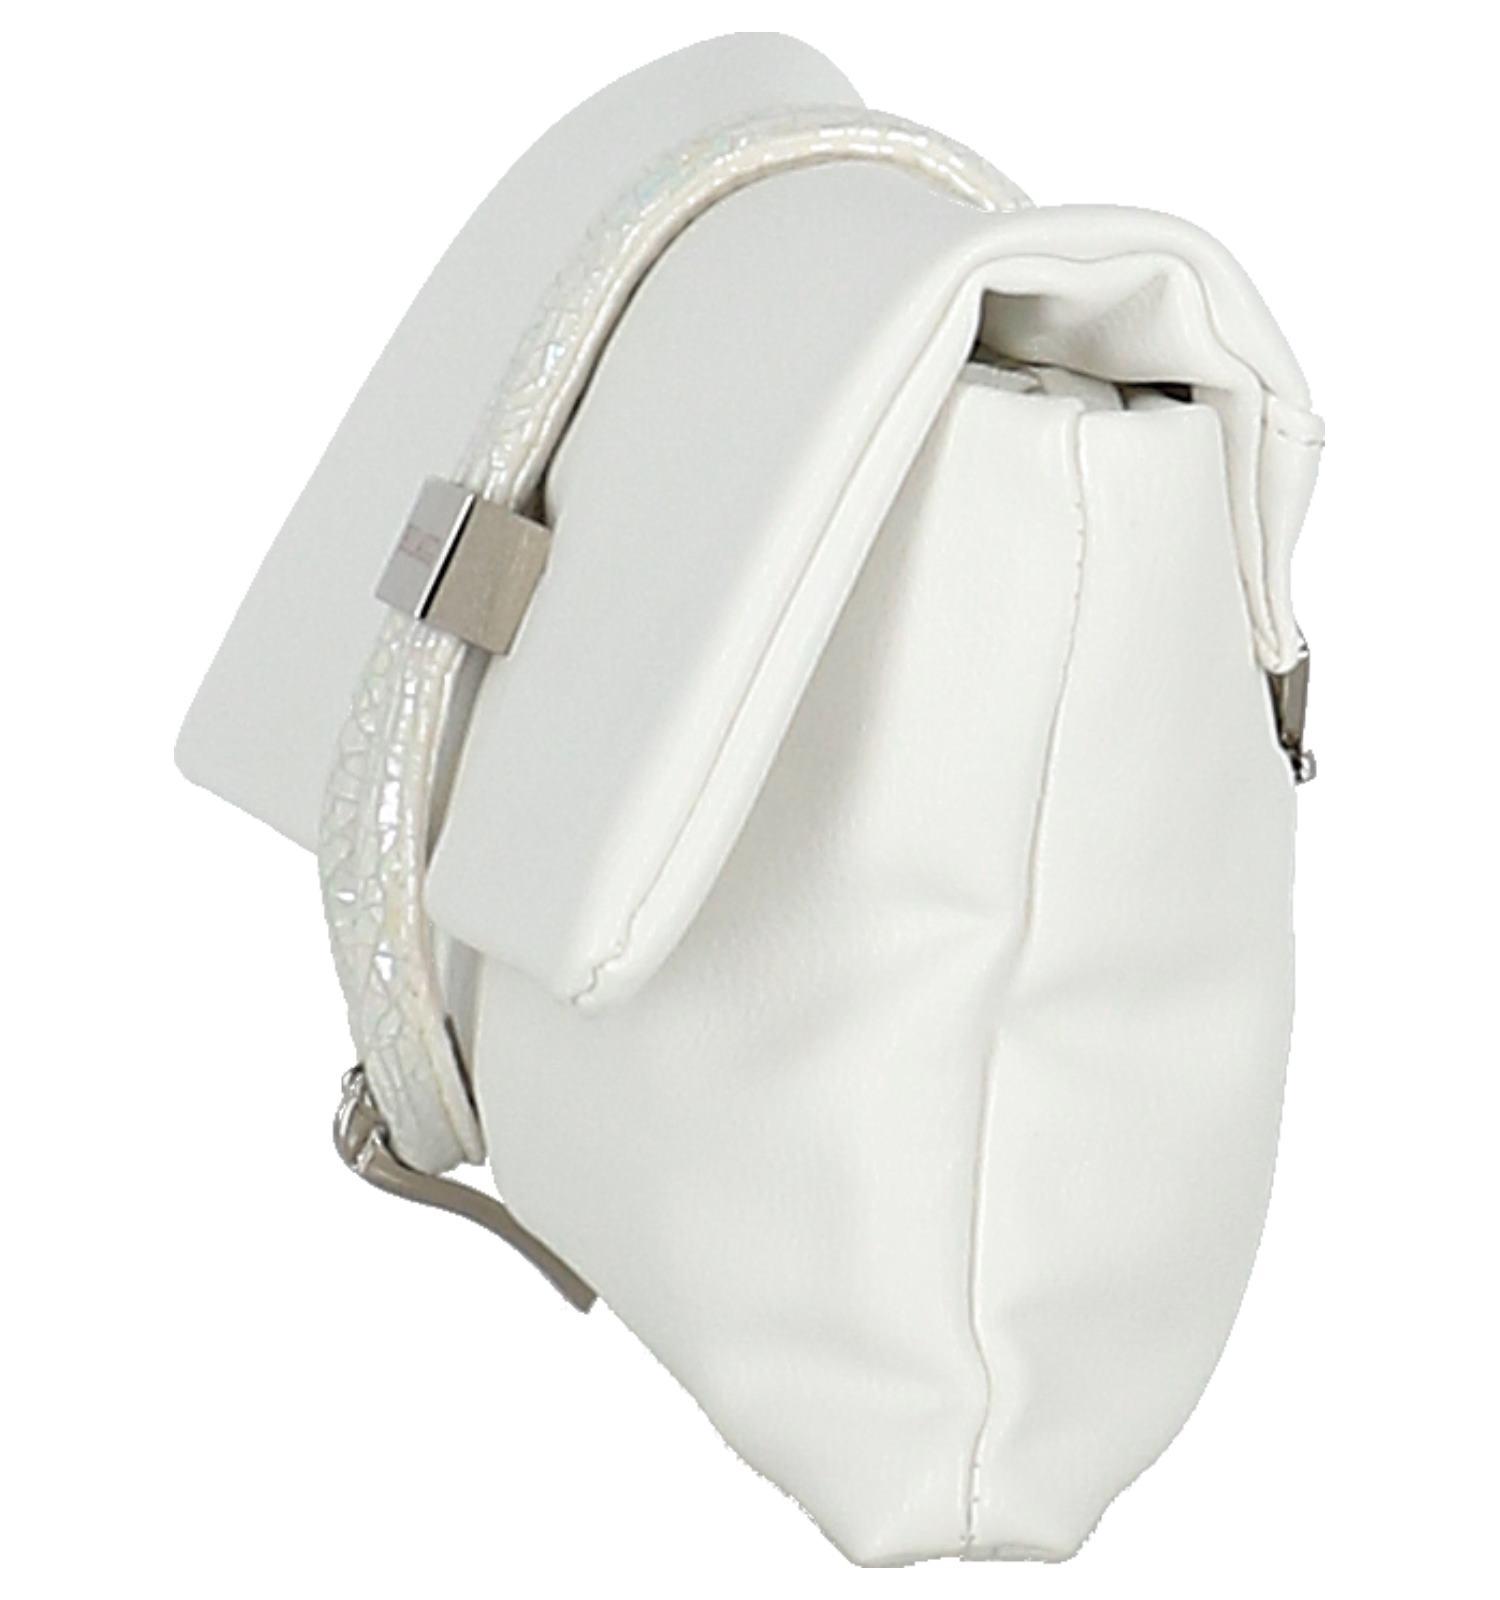 010db91bbfd Witte Clutch Tas Bulaggi Bibis | TORFS.BE | Gratis verzend en retour